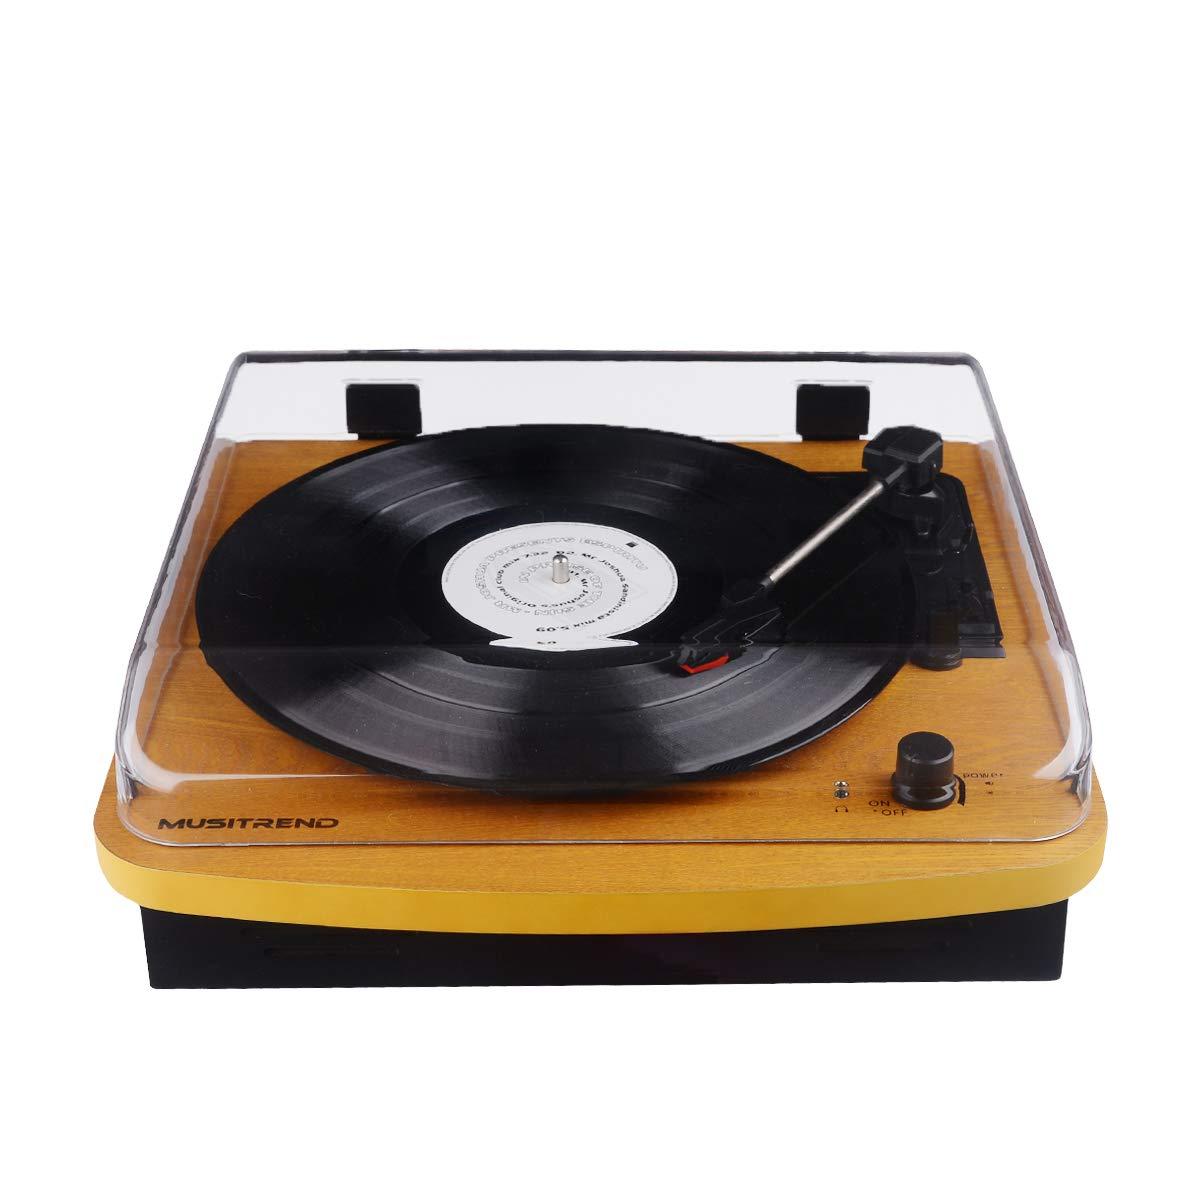 Amazon.com: Musitrend - Reproductor de grabación de 3 ...